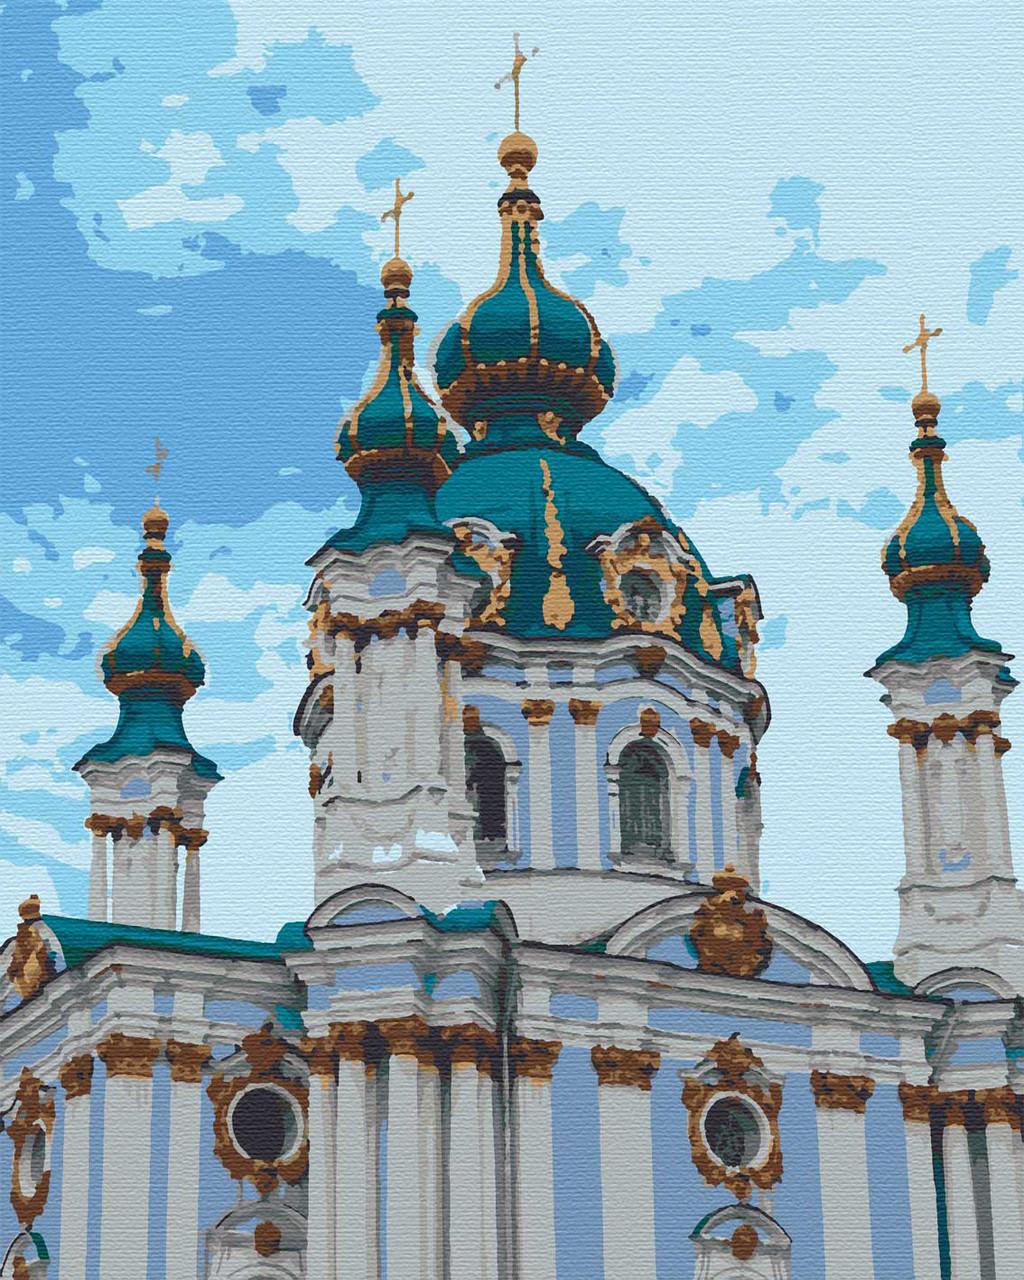 Картини за номерами церква 40х50 Андрїївська Церква